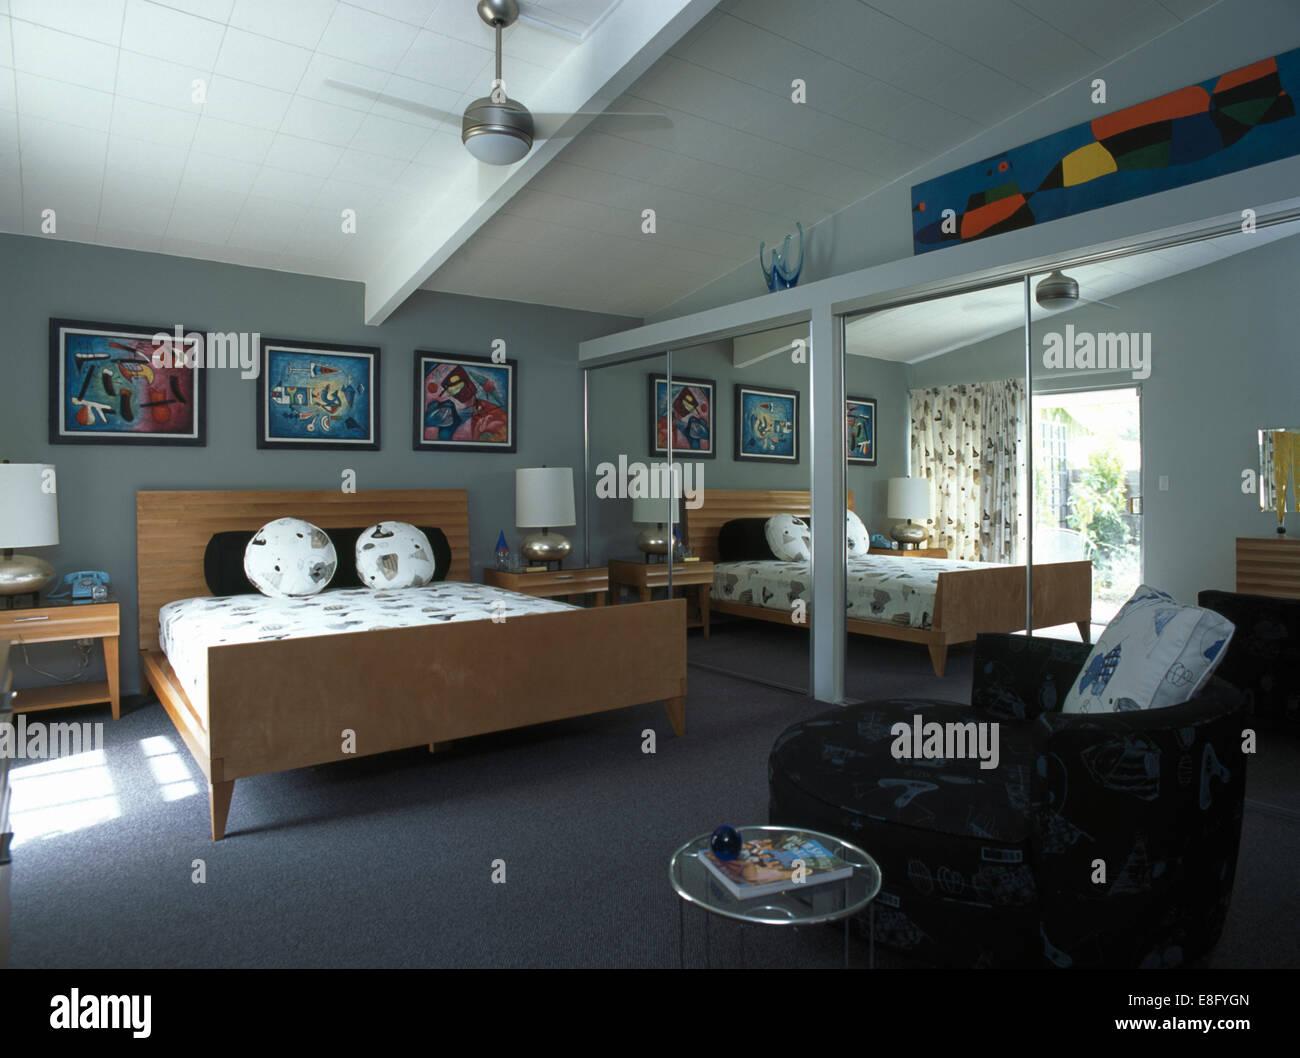 Camera Da Letto Grigio Chiaro : Porte a specchio su armadi in camera da letto moderno con legno